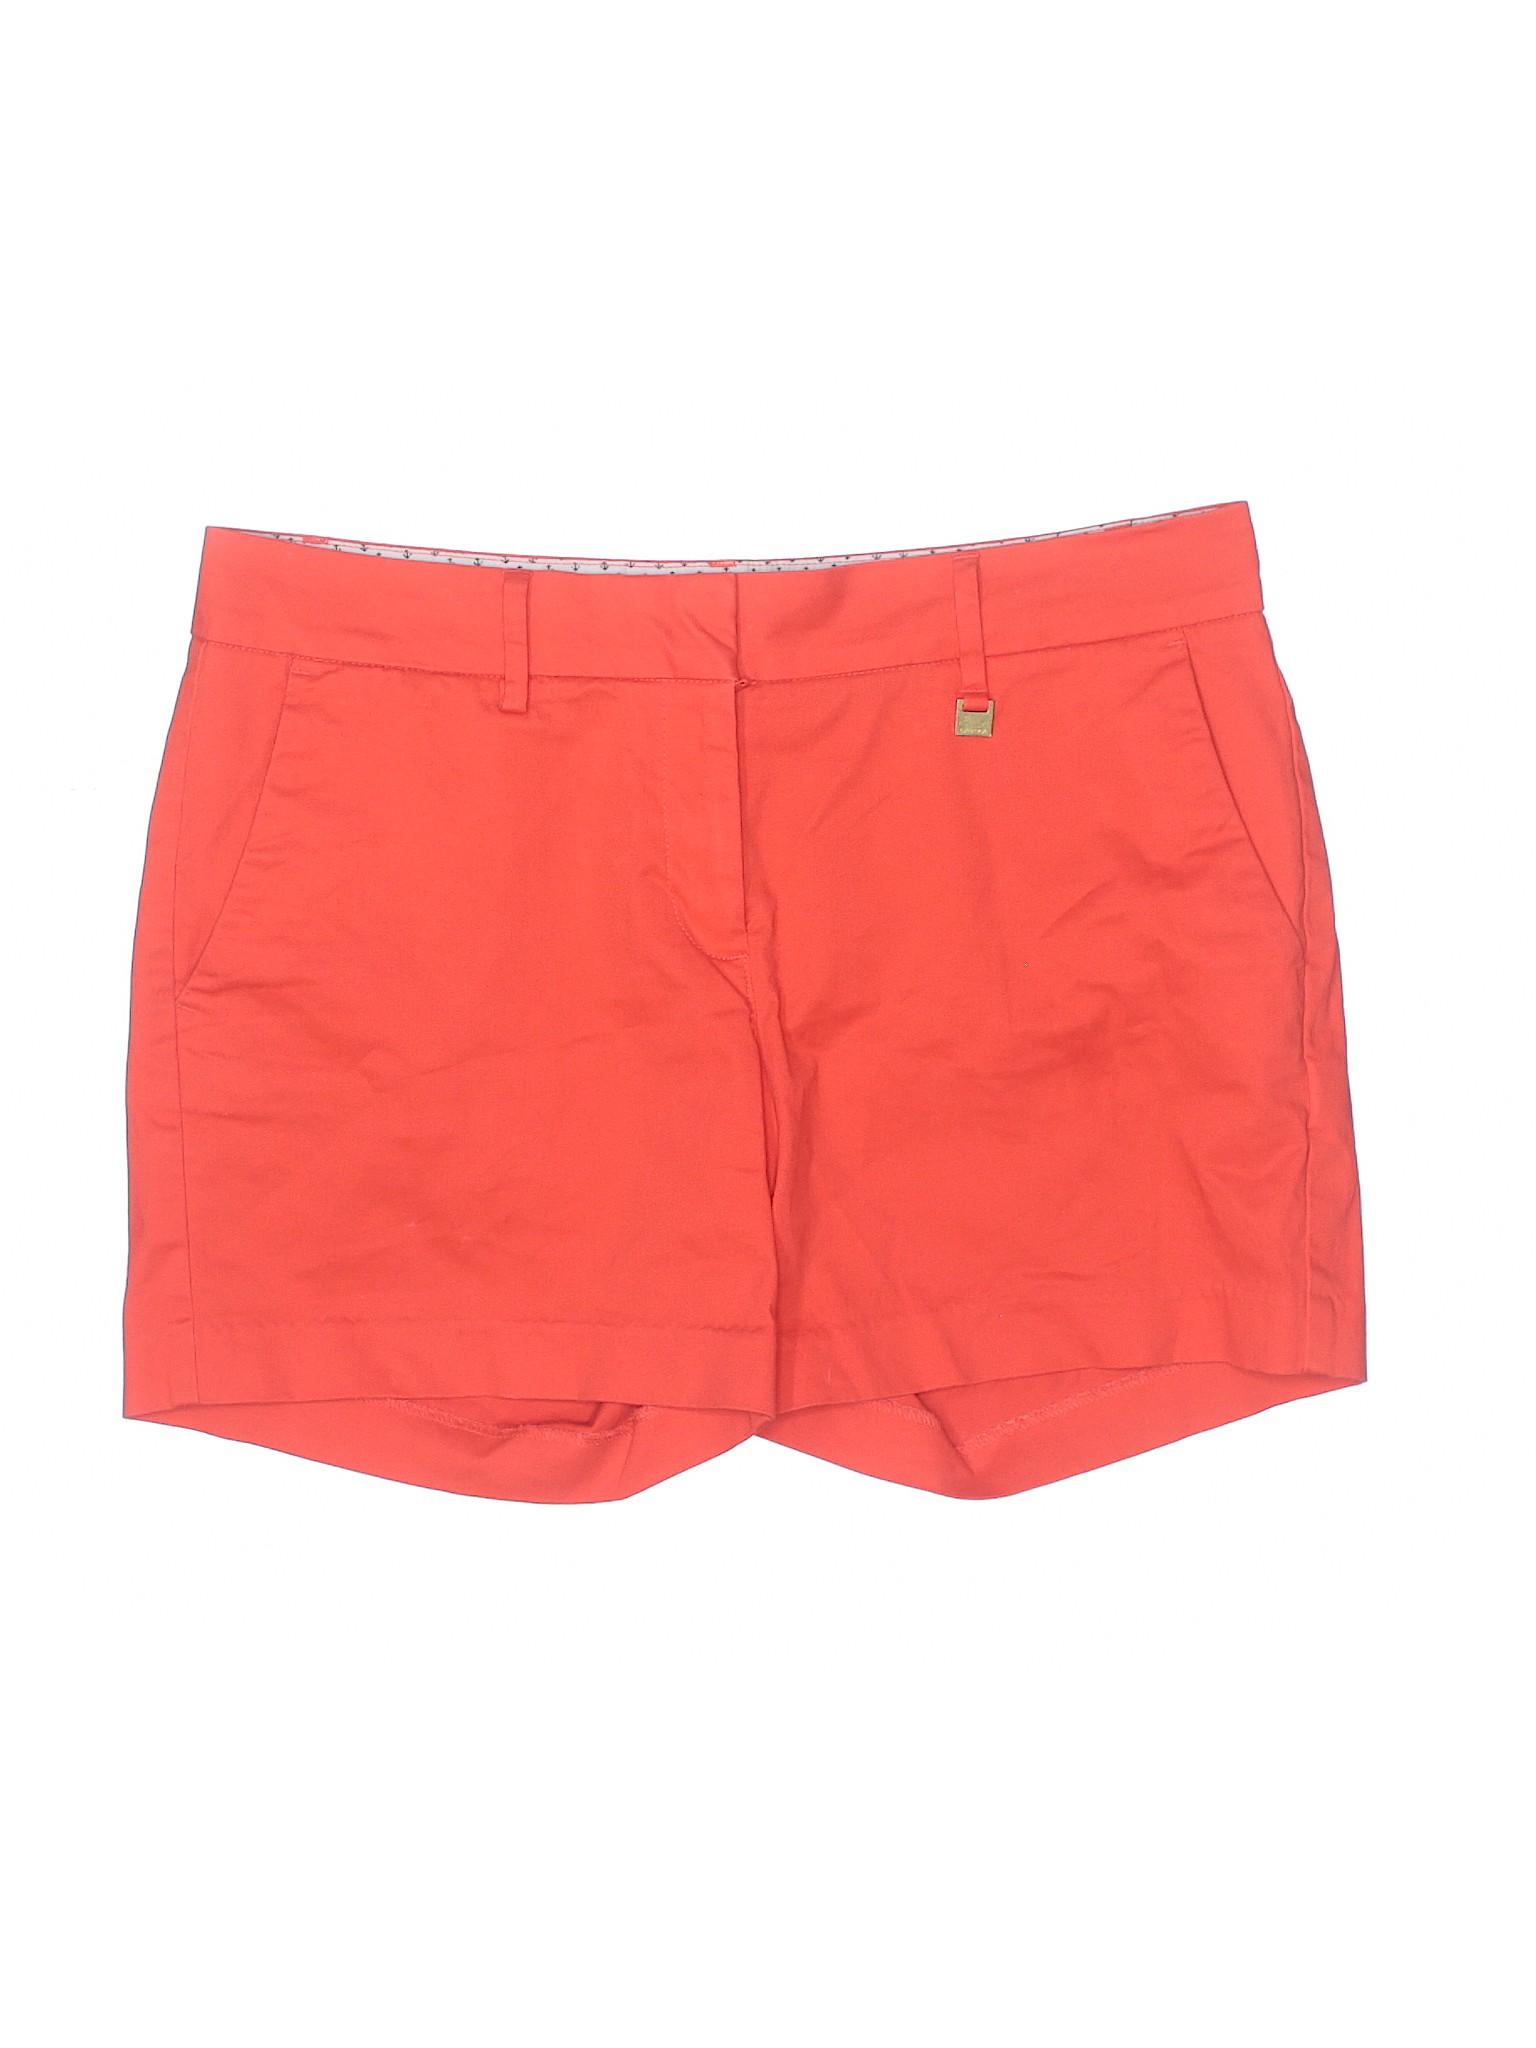 Boutique Khaki Khaki Boutique Shorts Nautica Boutique Khaki Nautica Shorts Nautica Shorts PrqwEPR